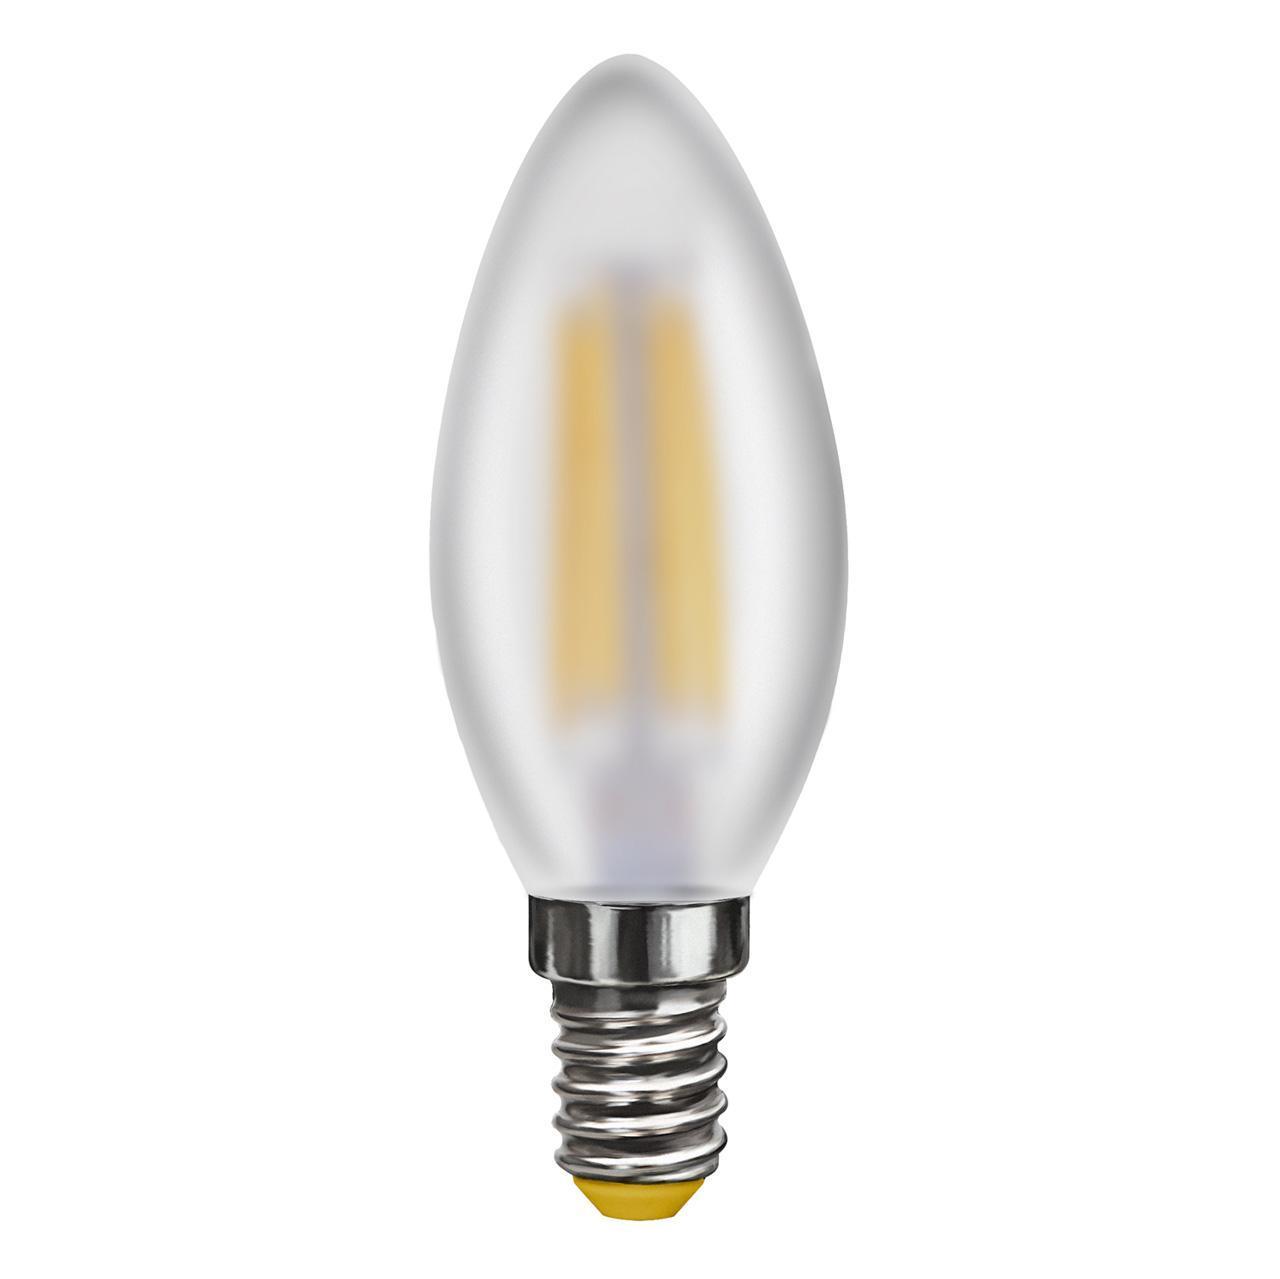 купить Лампа светодиодная E14 6W 2800K матовая VG10-C2E14warm6W-F 7044 по цене 148 рублей